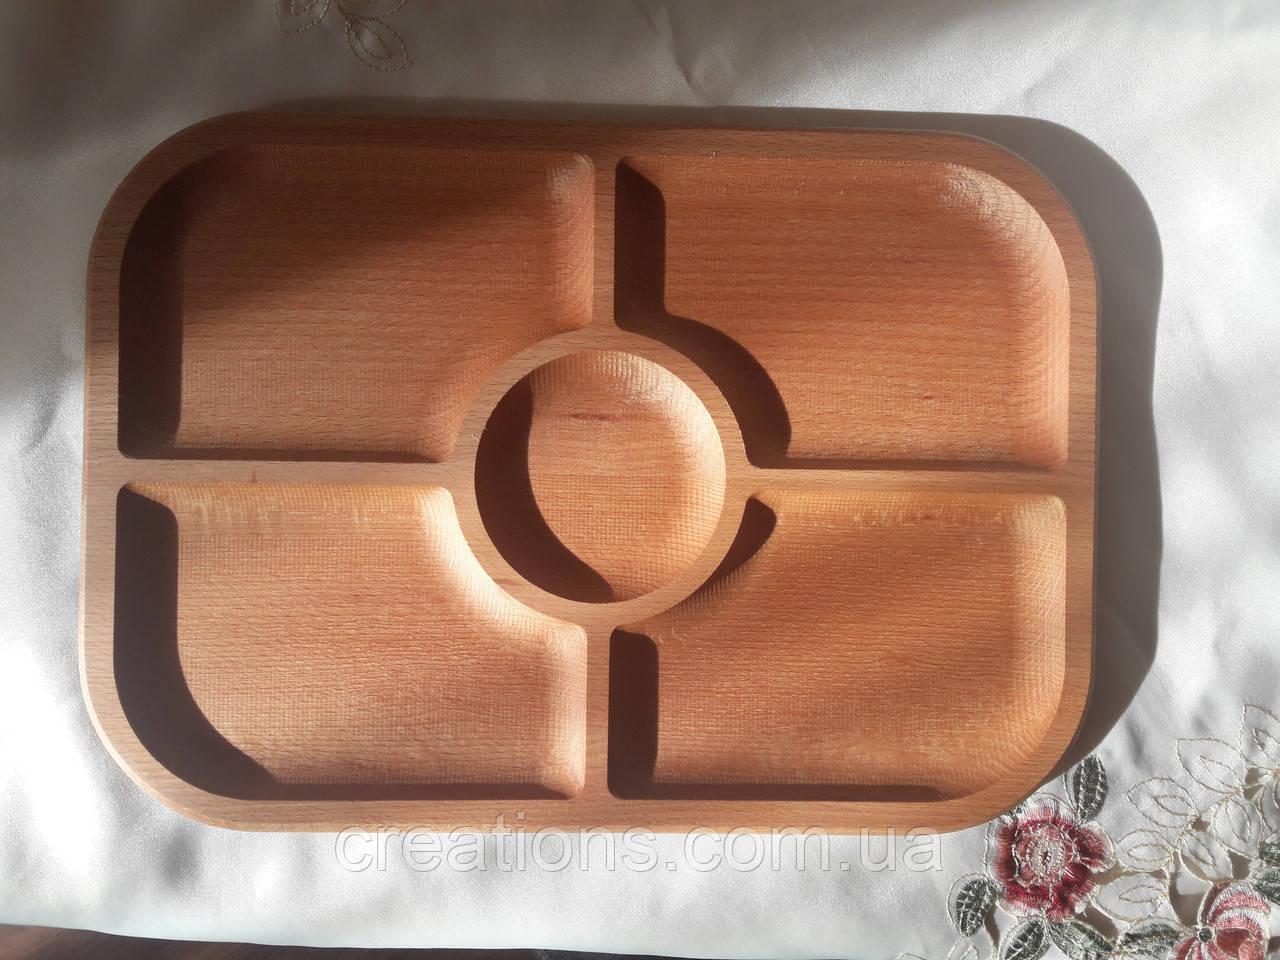 Менажница на 5 секций 37х26 см. деревянная тарелка Бук